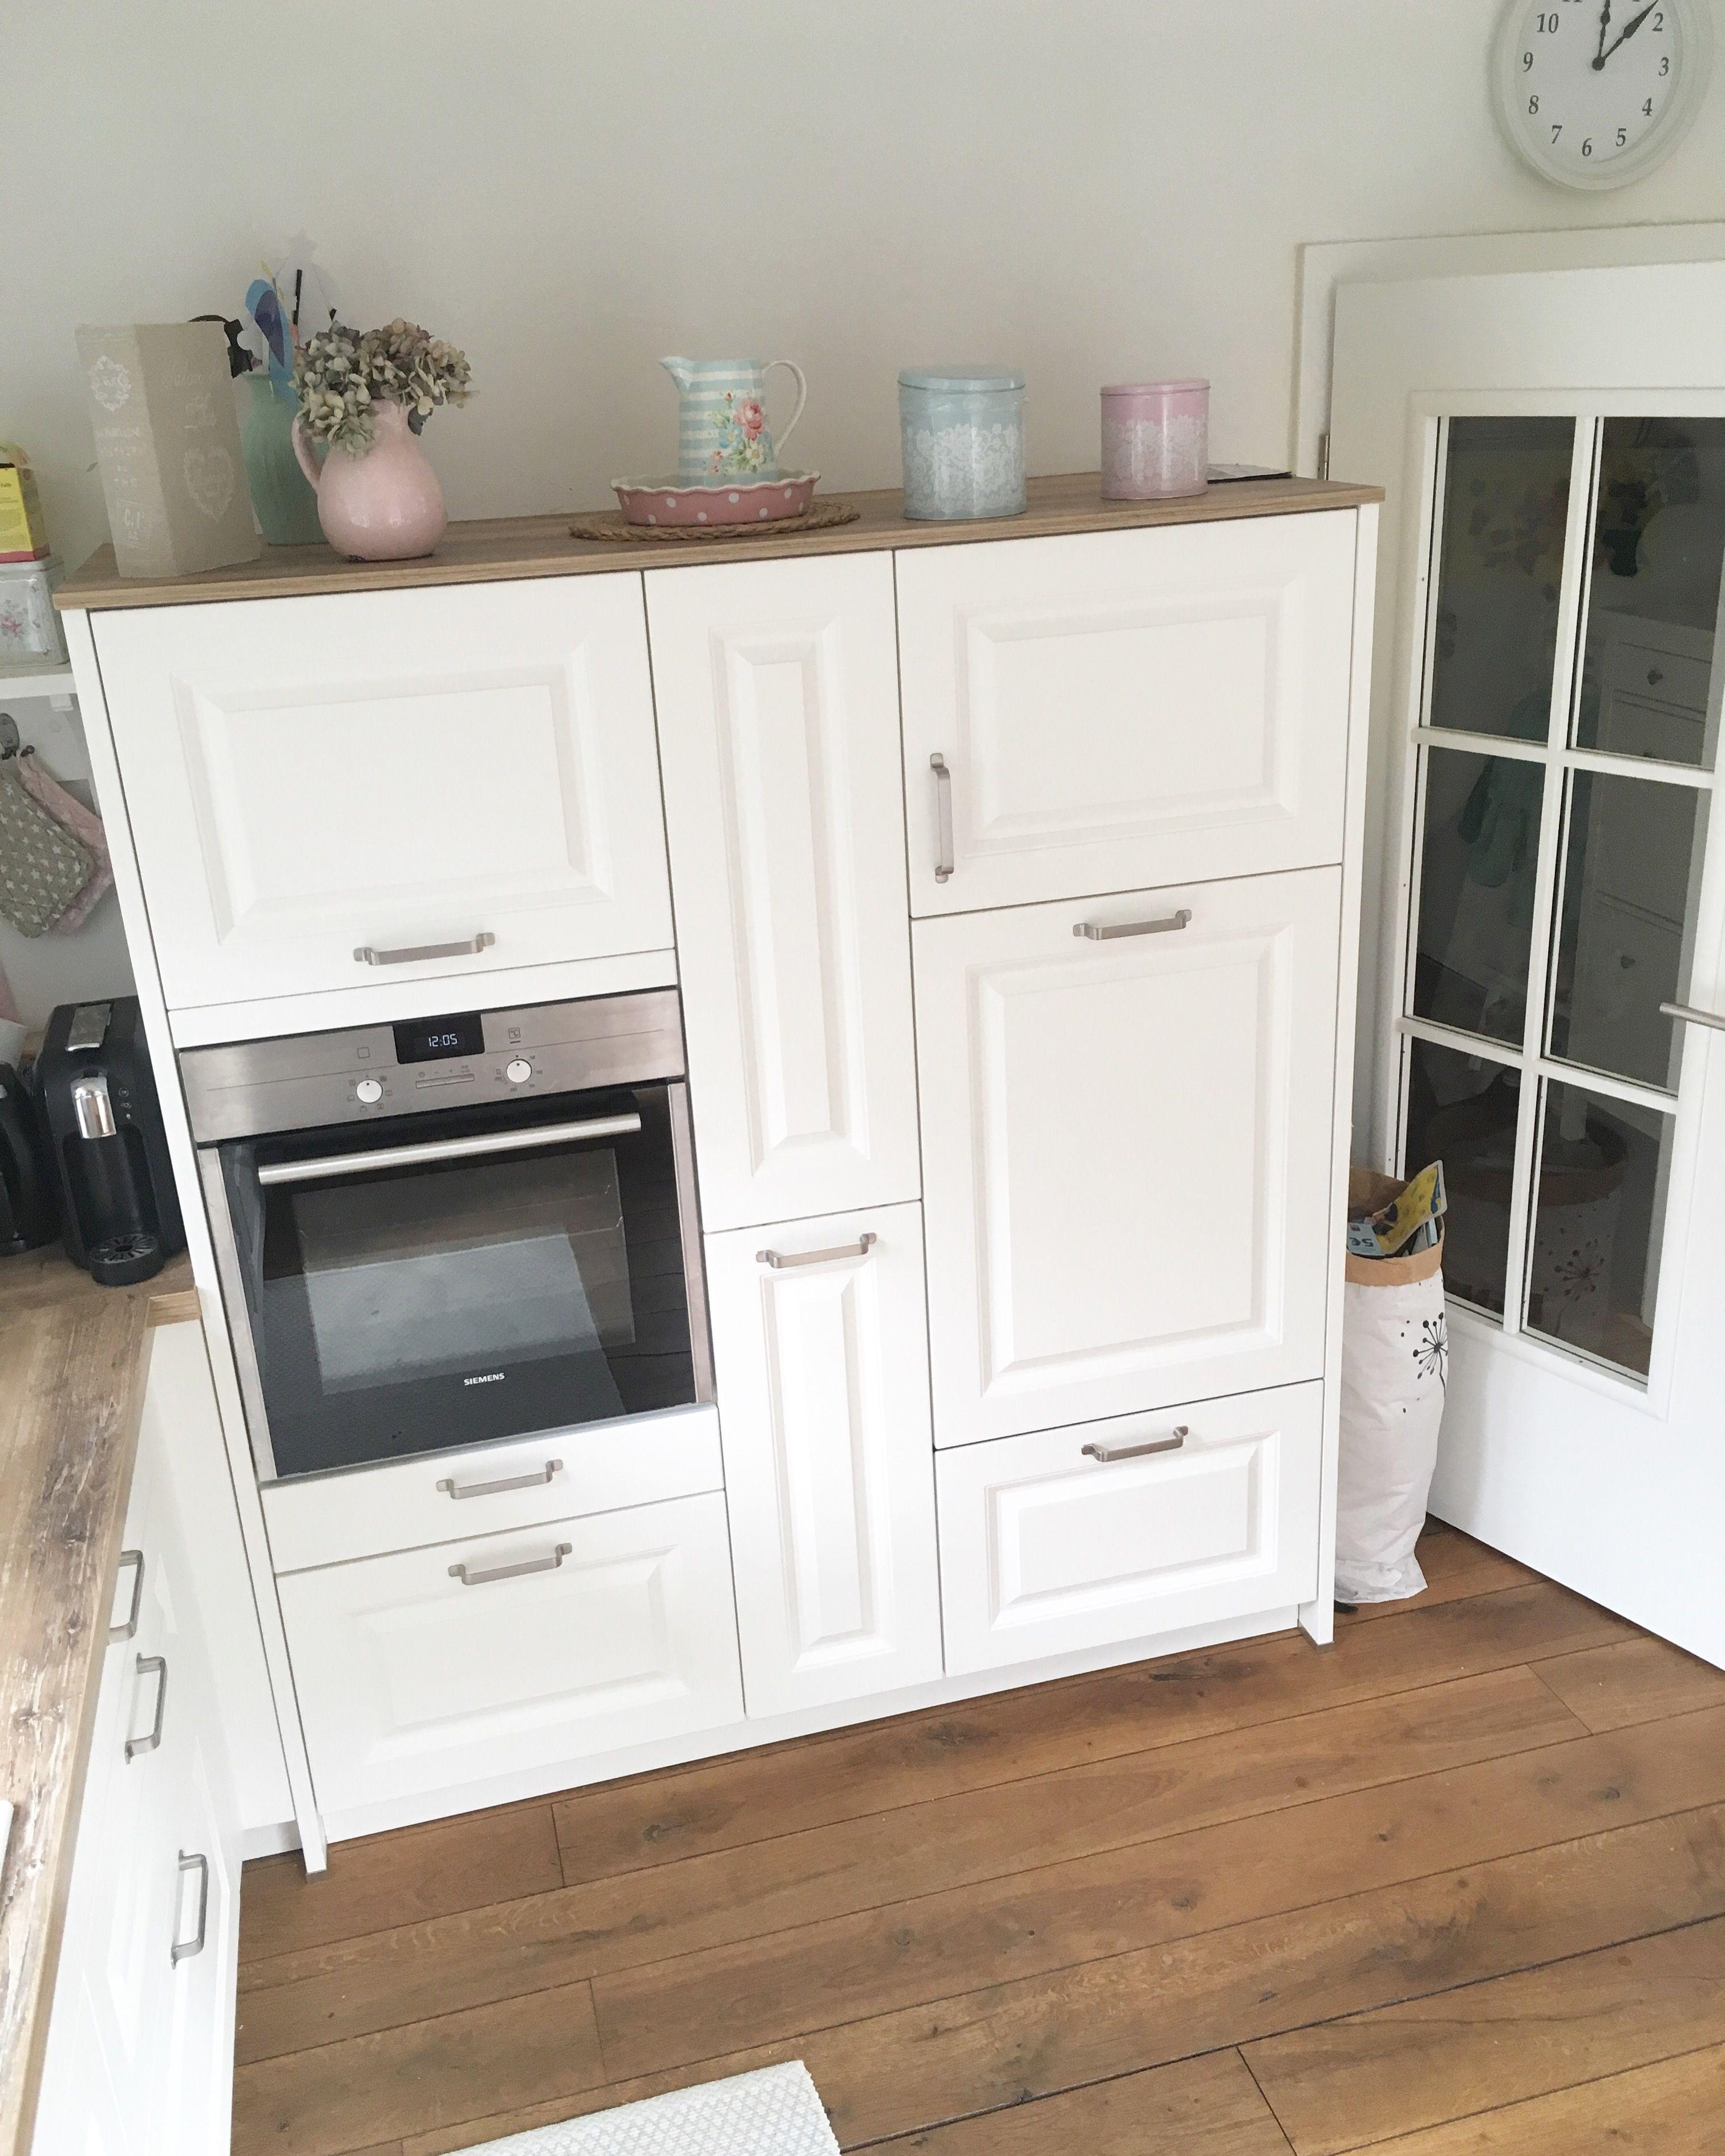 Kitchendreams- 10 Fakten über meine Küche- moderner Landhausstil ...